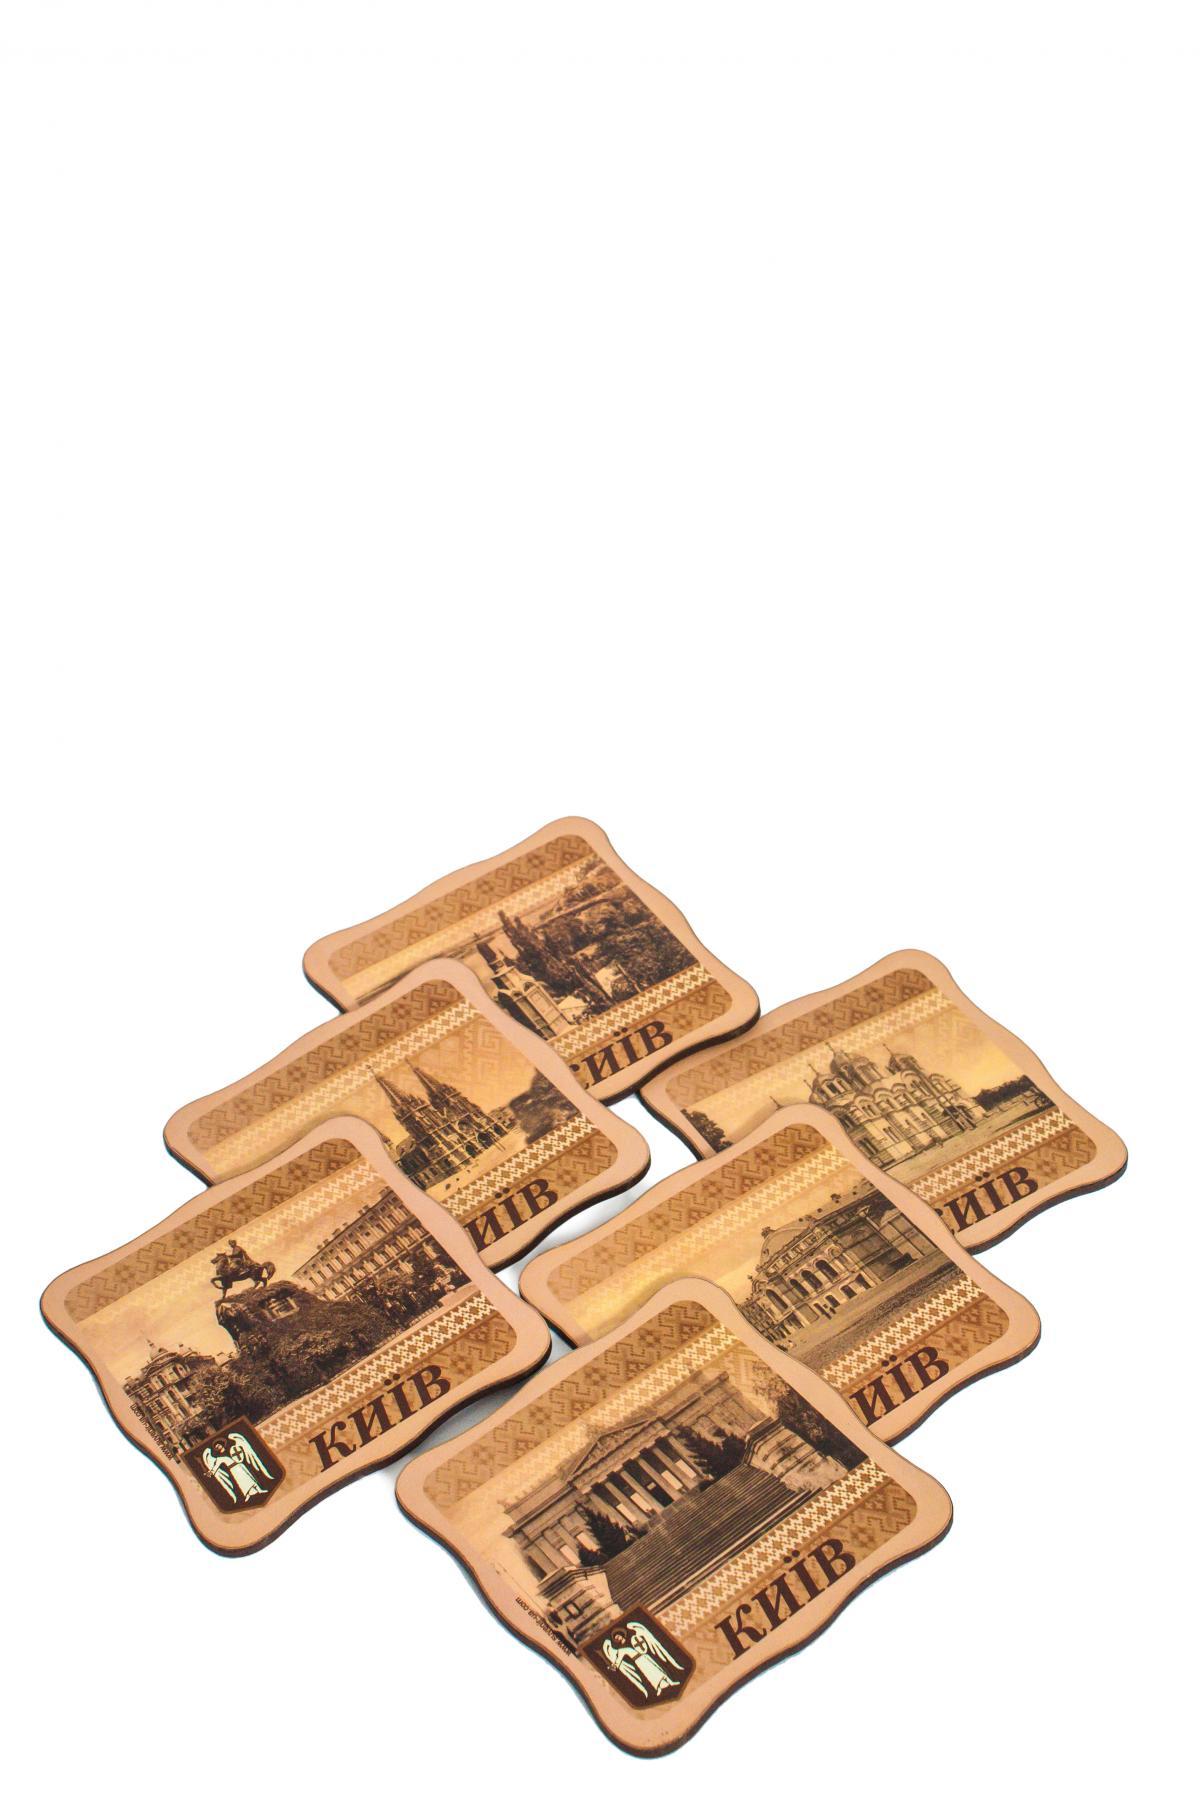 Набор костеров с выдающимися достопримечательностями Киева №2. Фото №2.   Народный дом Украина